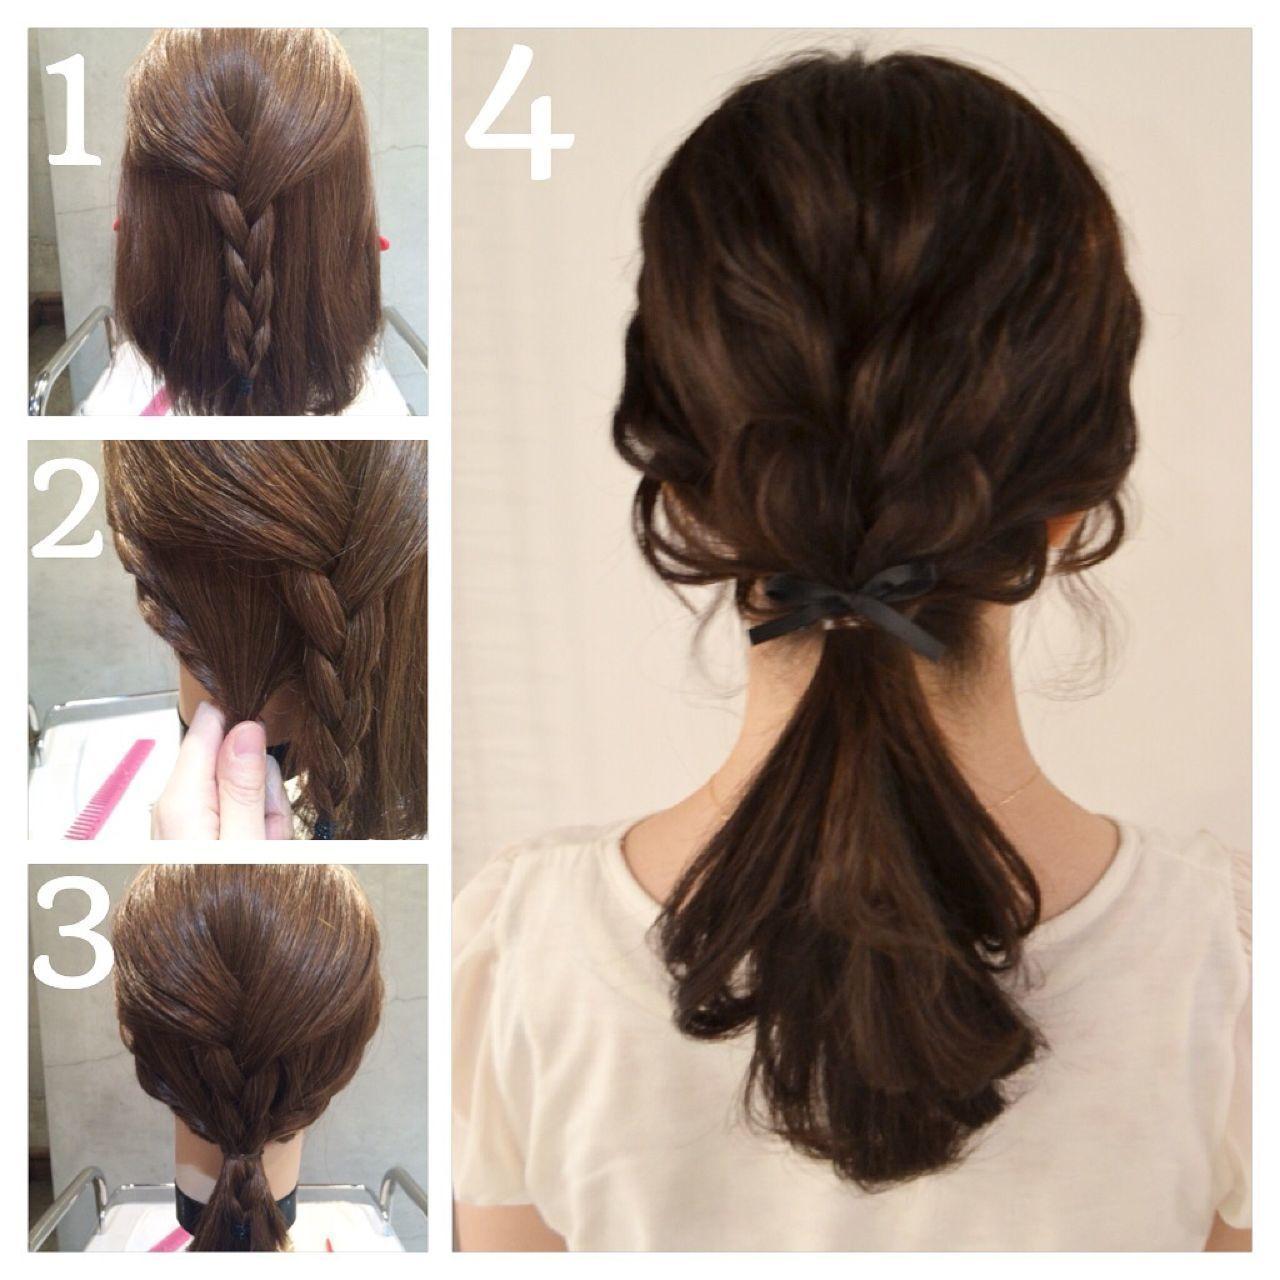 こちらは、三つ編みをアレンジとして使った髪型。三つ編みを組み合わせるだけで、一気におしゃれなヘアスタイルができあがります。 <作り方> 1. 髪 を上下に分ける